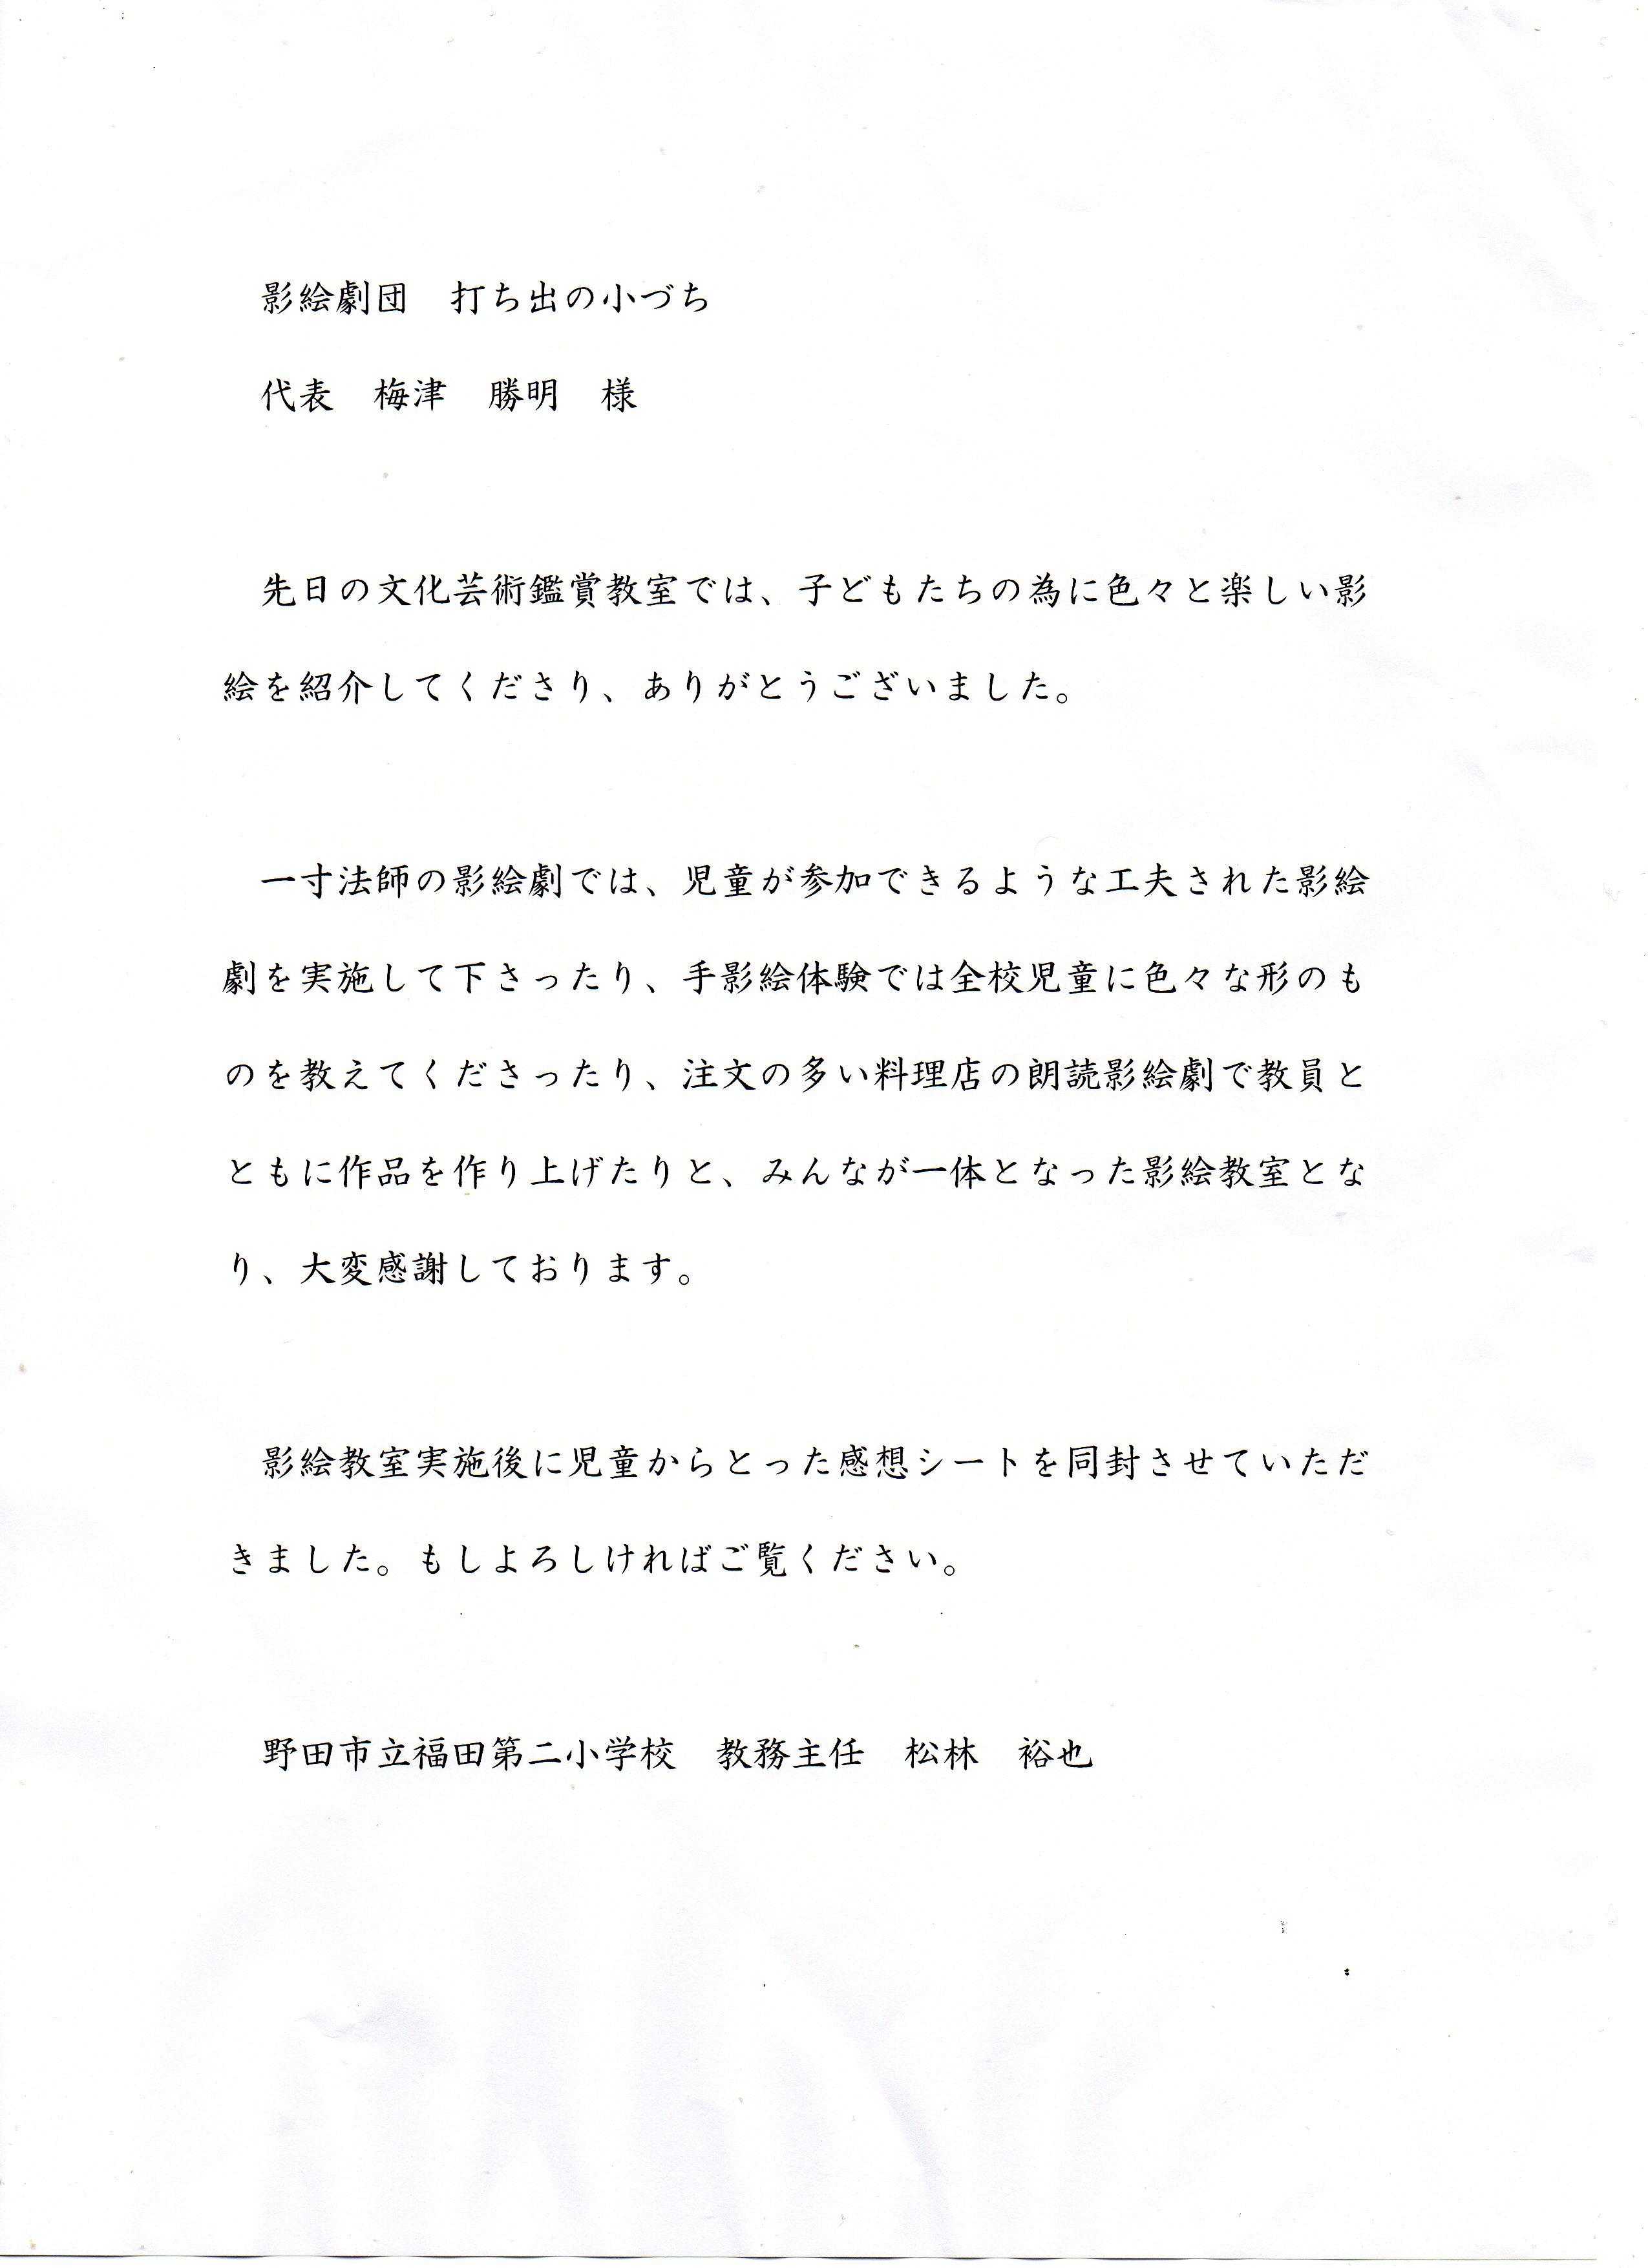 2019年9月10日(火)千葉県野田市立福田第二小学校で公演をしました。ご担当の先生の声です。